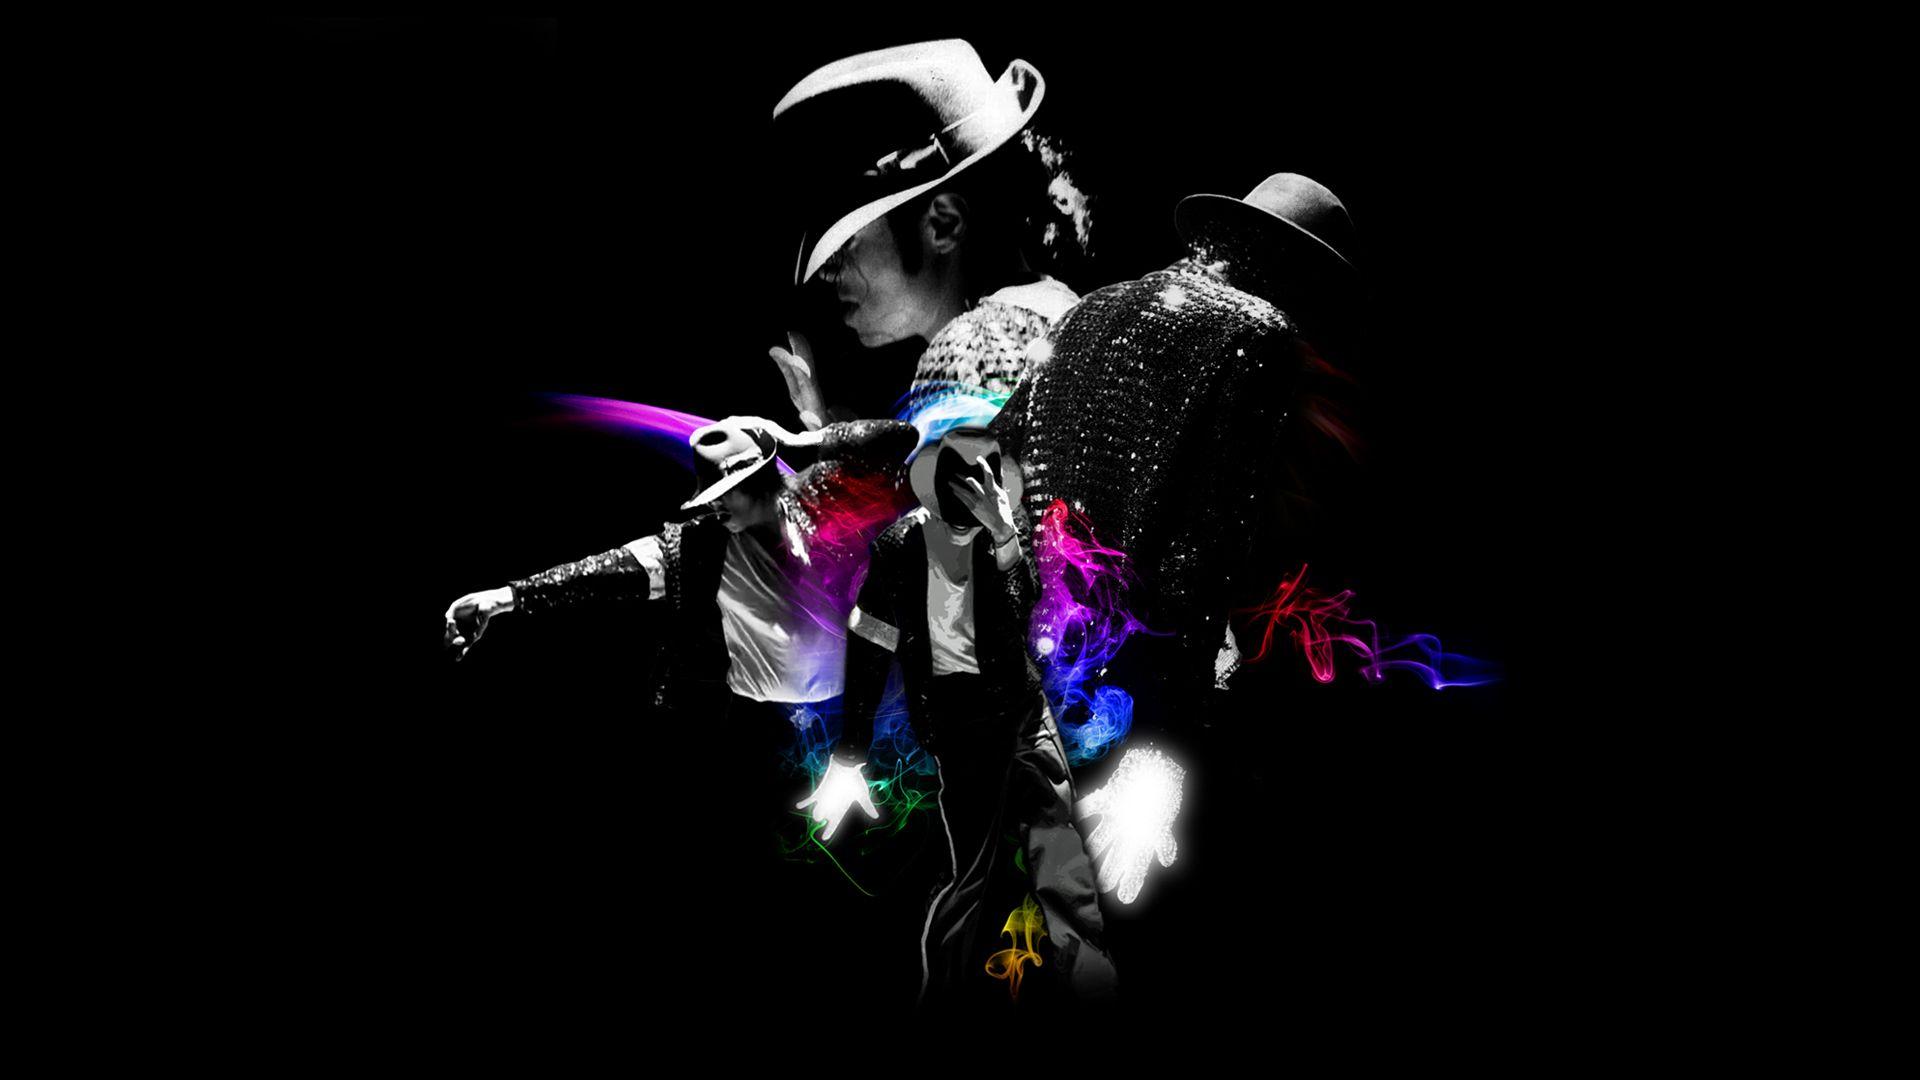 Latest New MJ Wallpaper